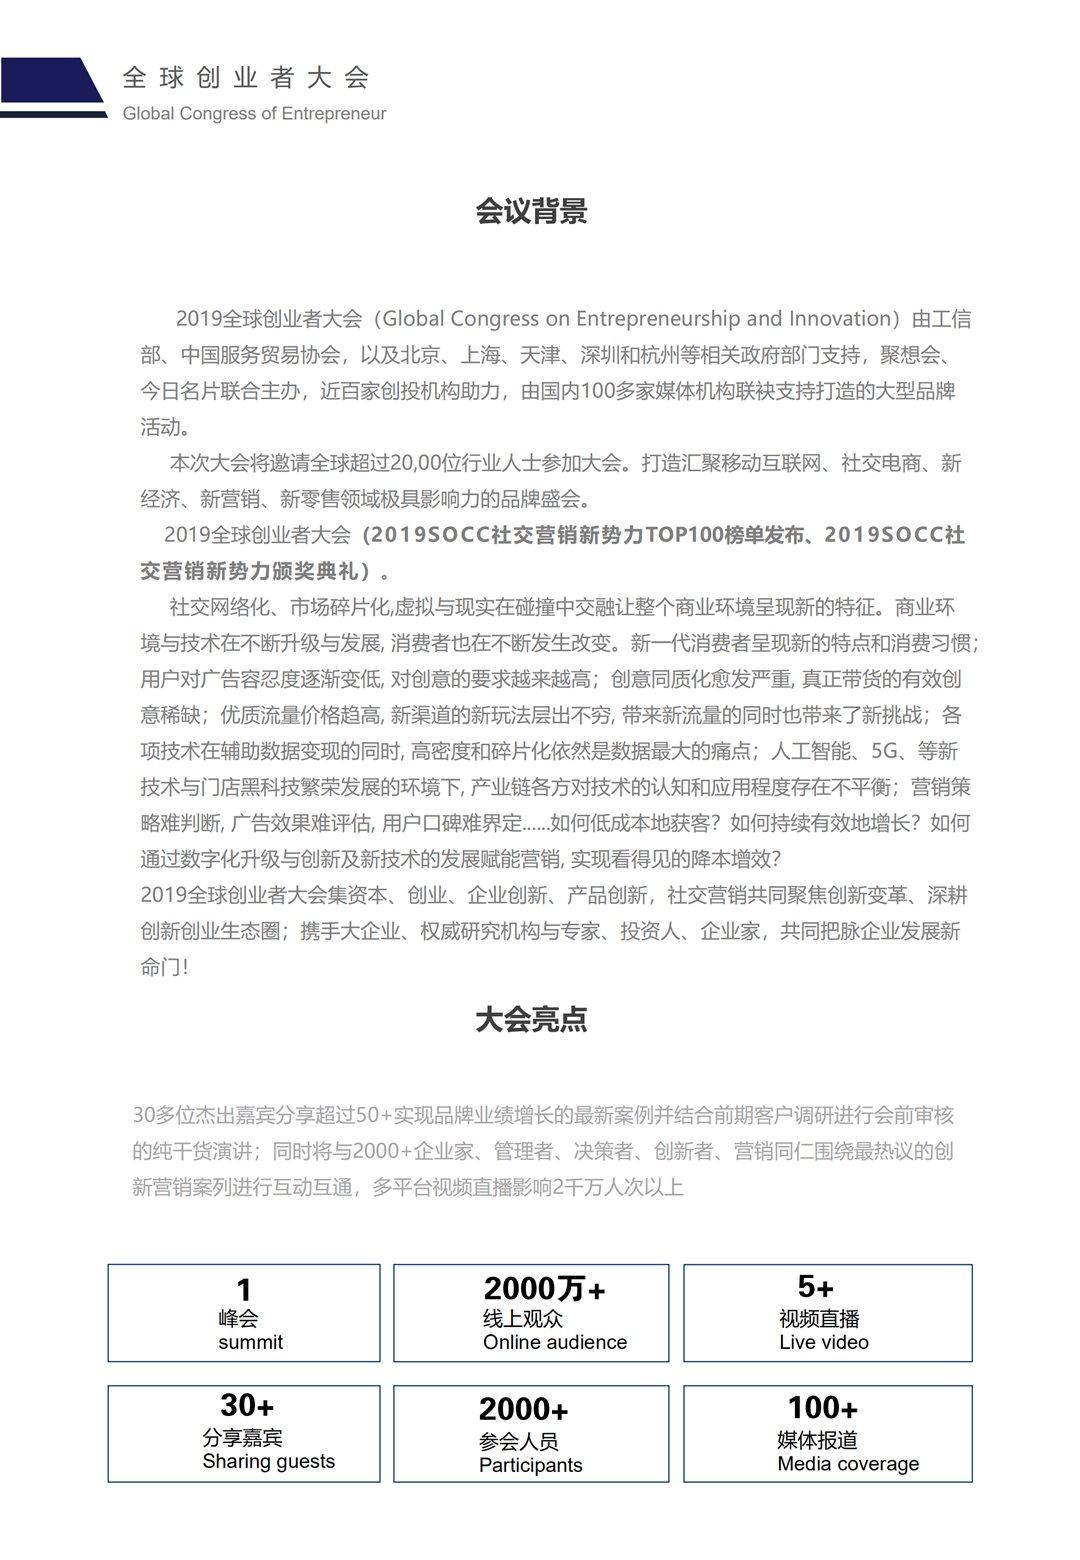 全球创新者大会-社交电商营销峰会(邀请函)_01.png